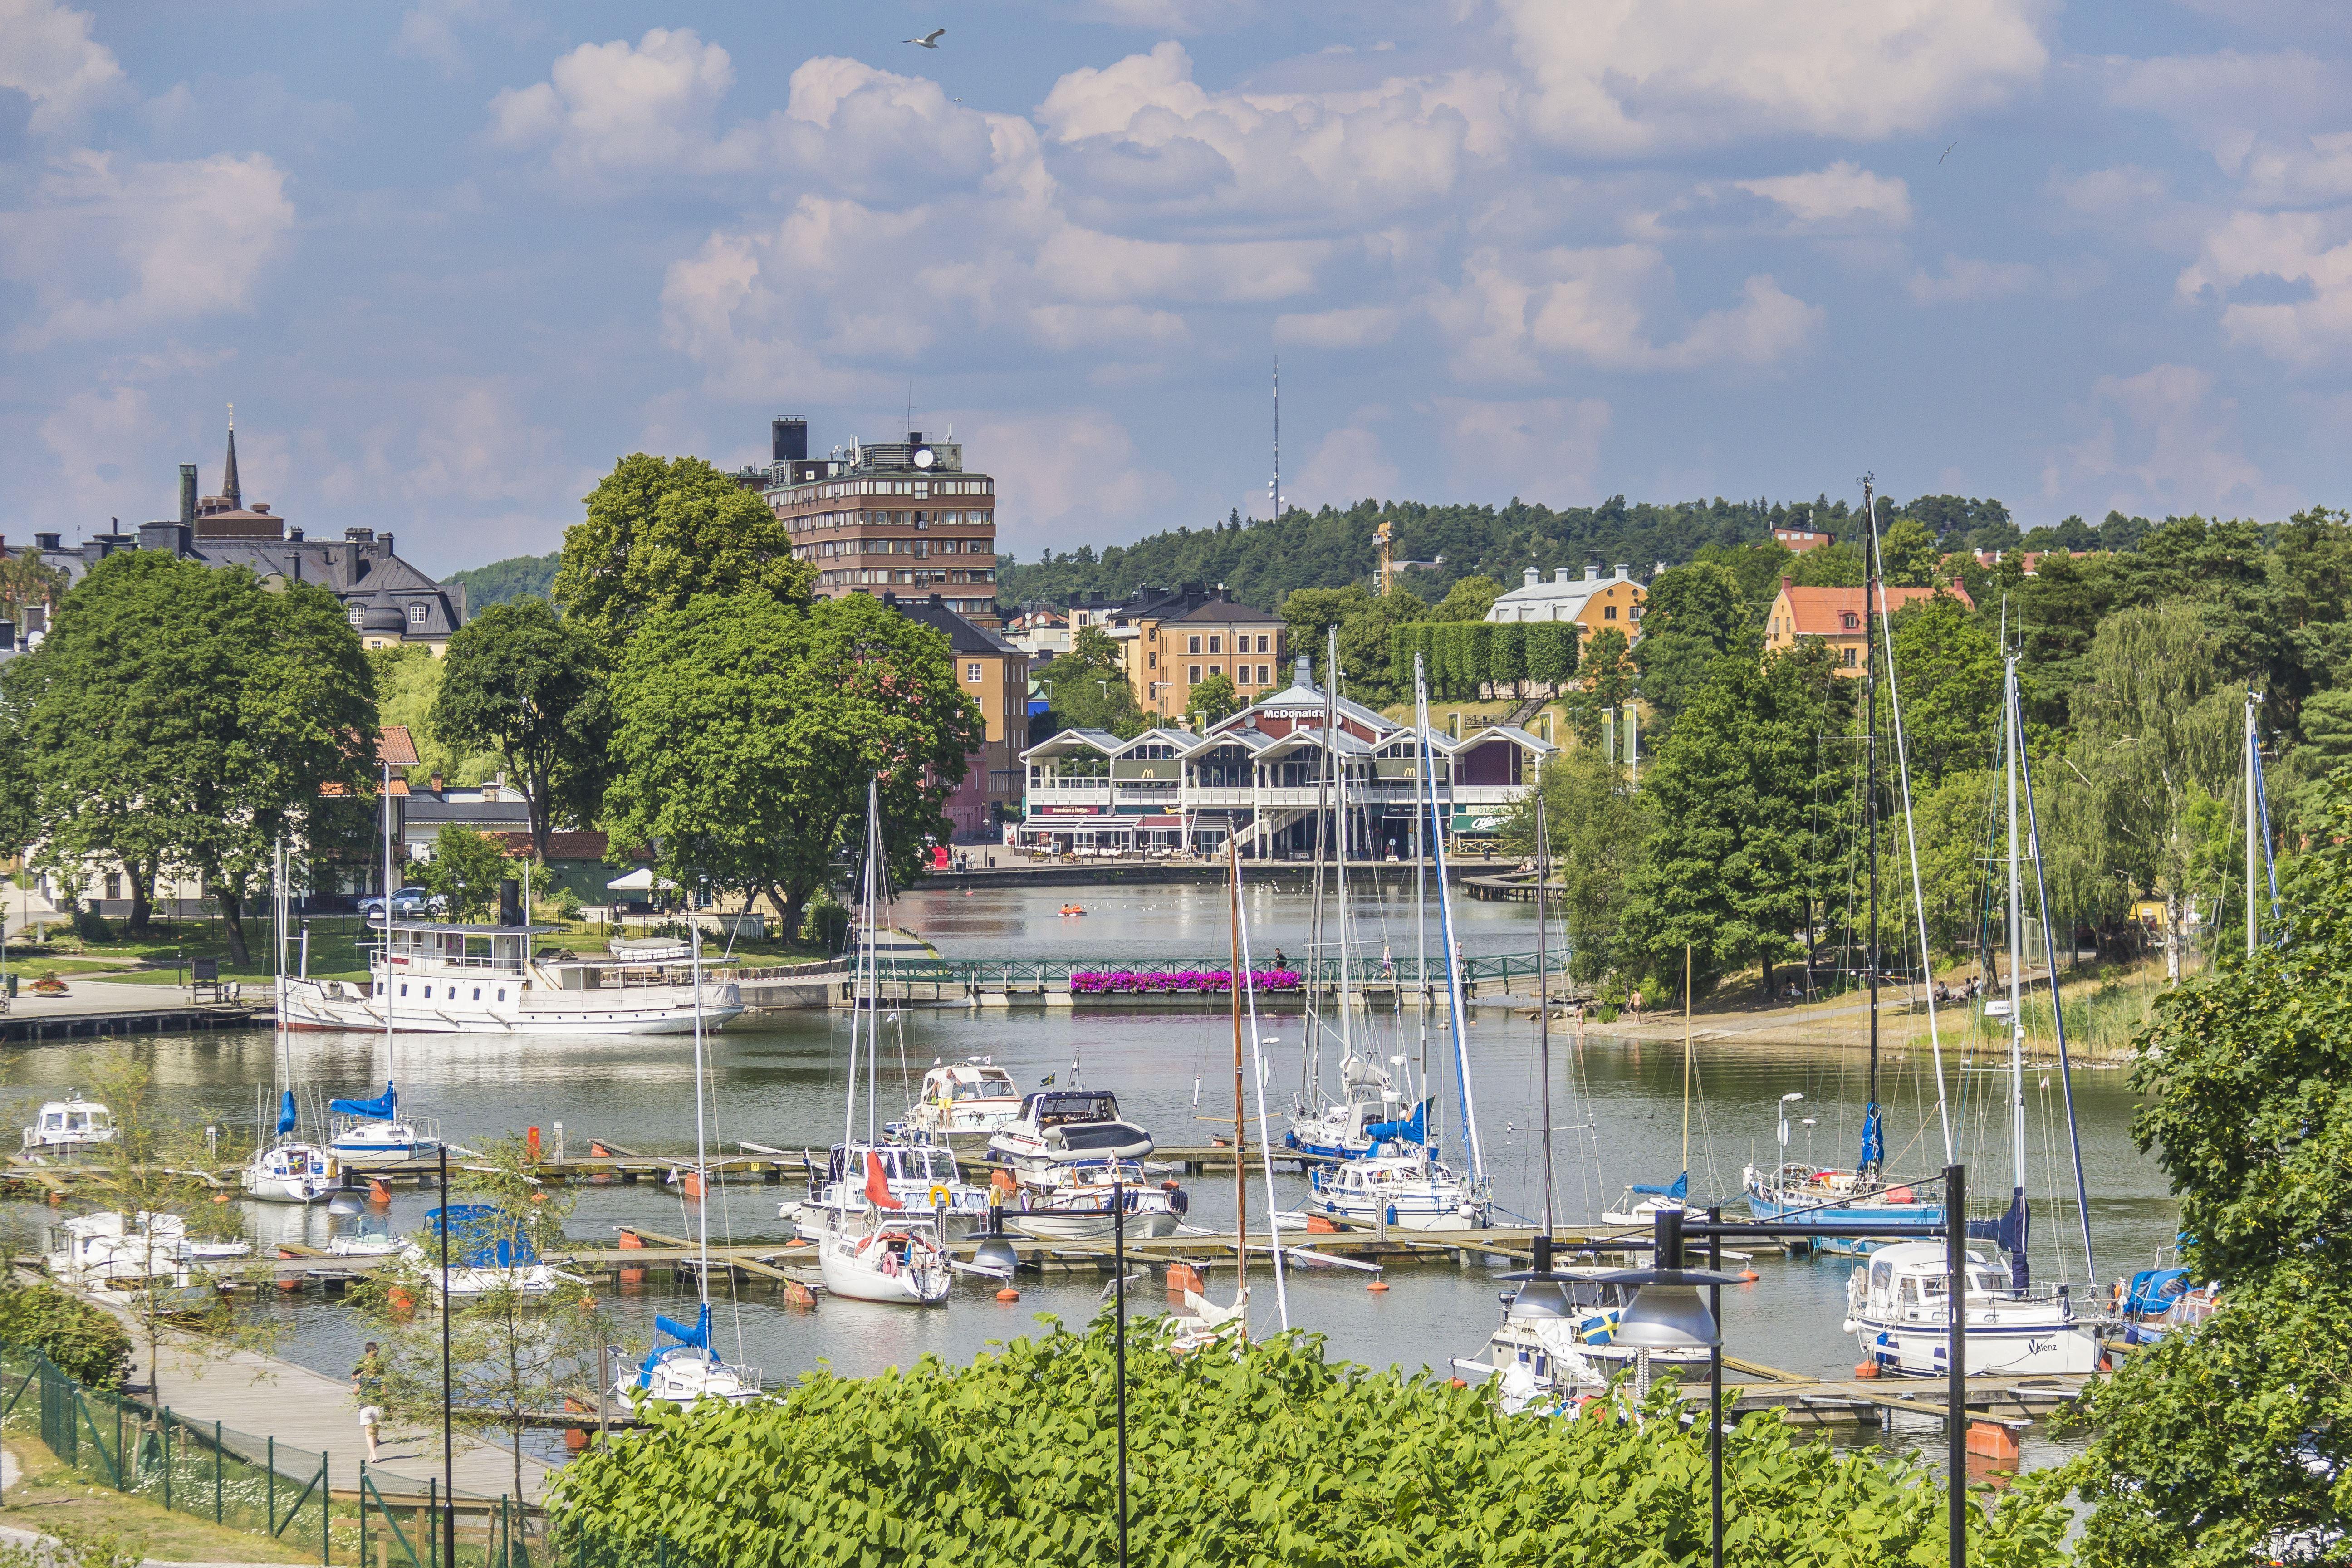 Södertäljevandringar 2019 -  Kanalen - skilsmässodike, livsnerv, stadens vagga